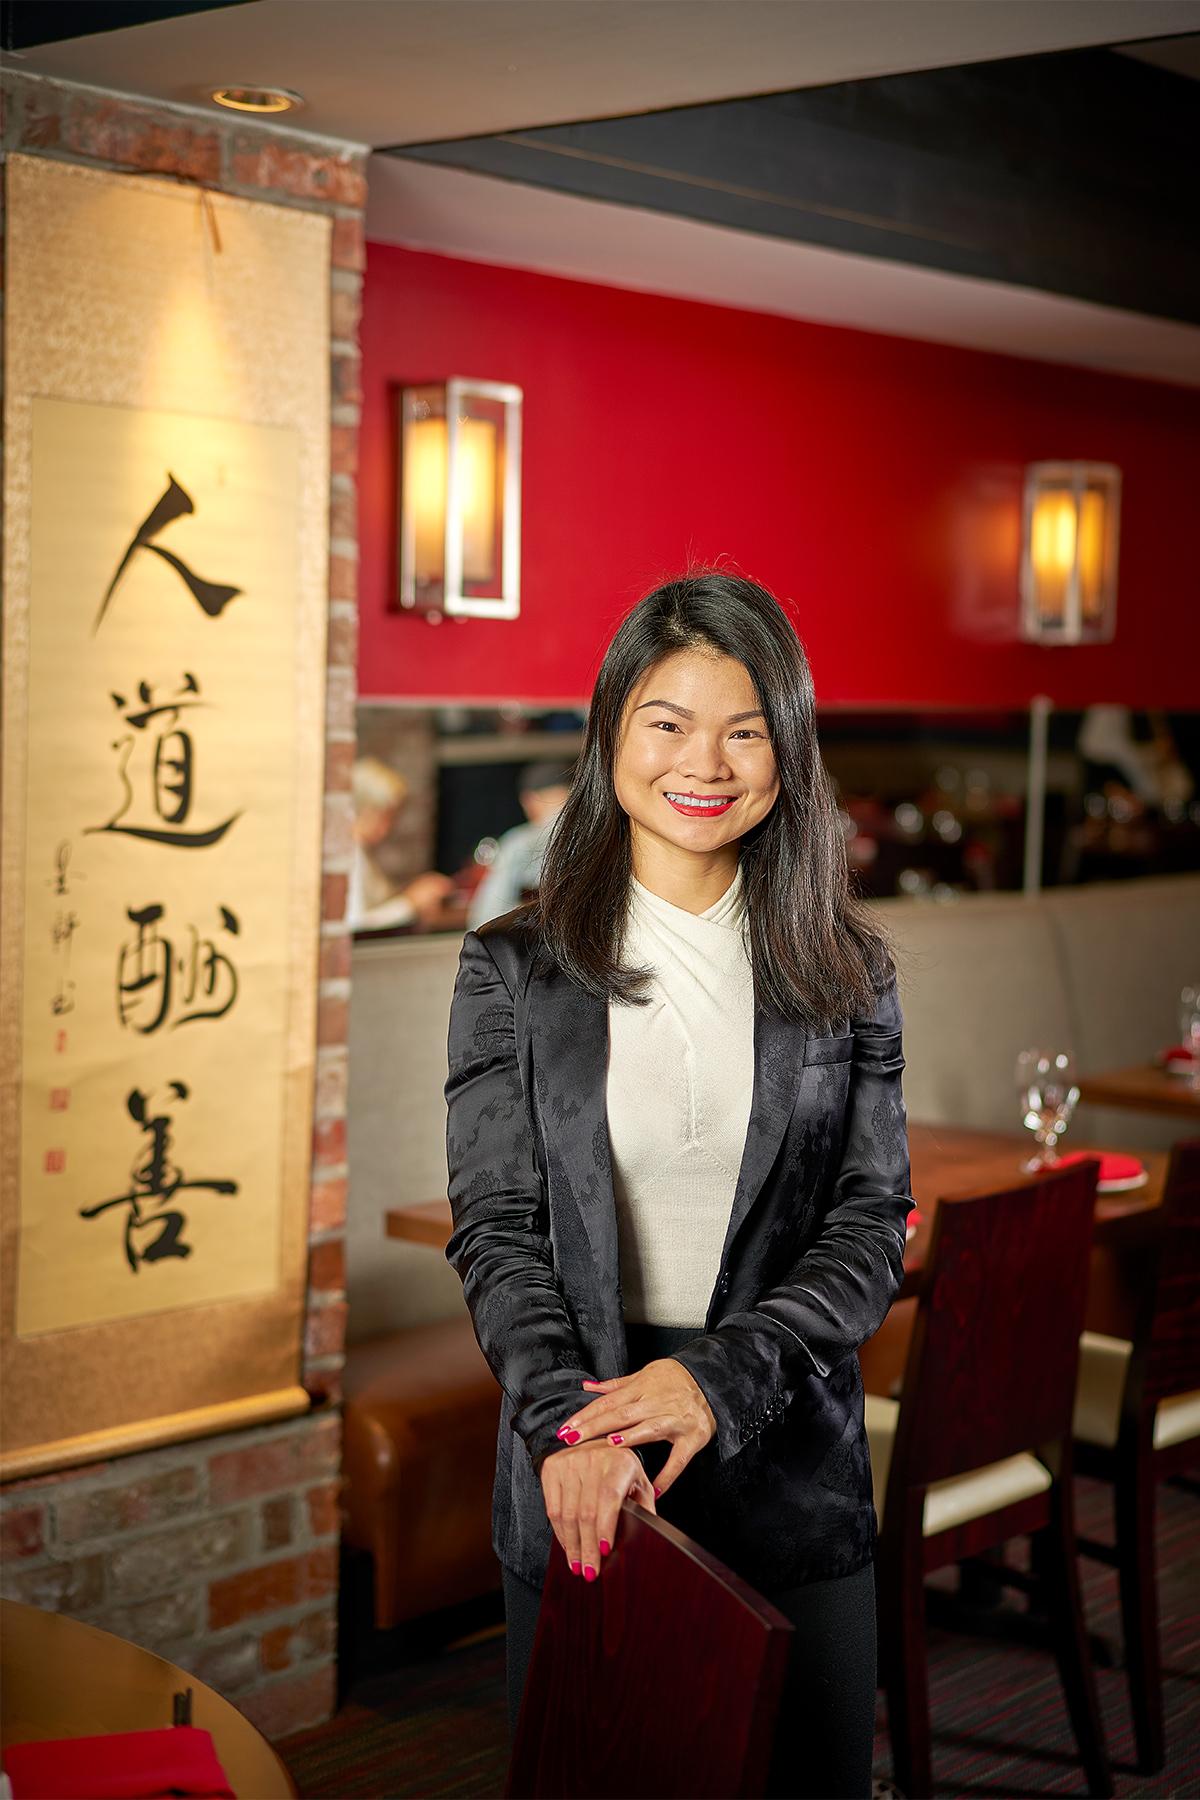 Jia Huang Portrait